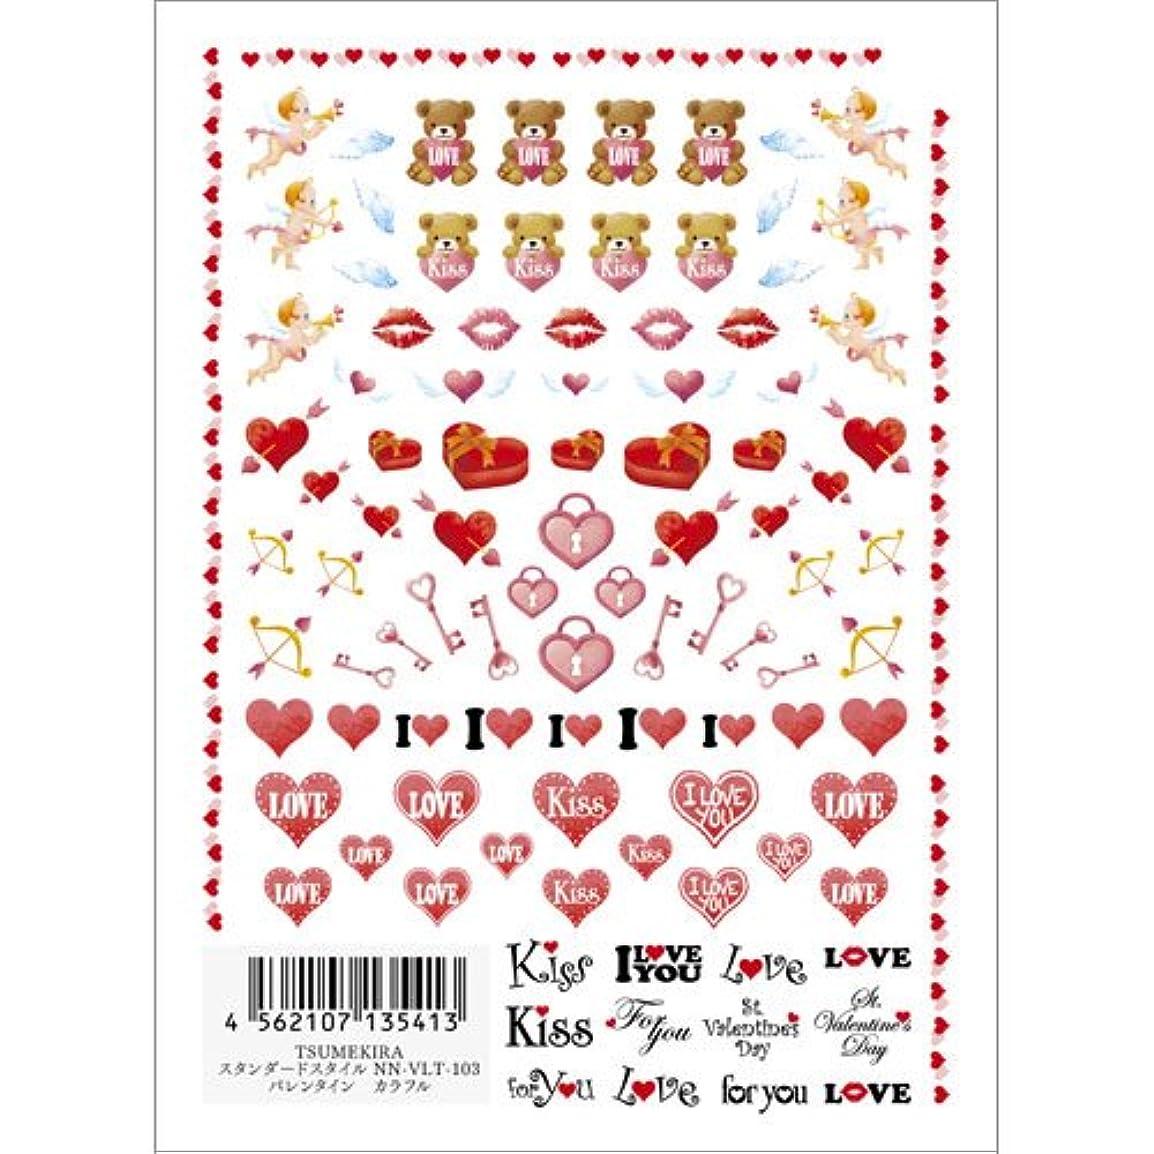 不確実させる伝えるツメキラ ネイル用シール スタンダードスタイル バレンタイン カラフル